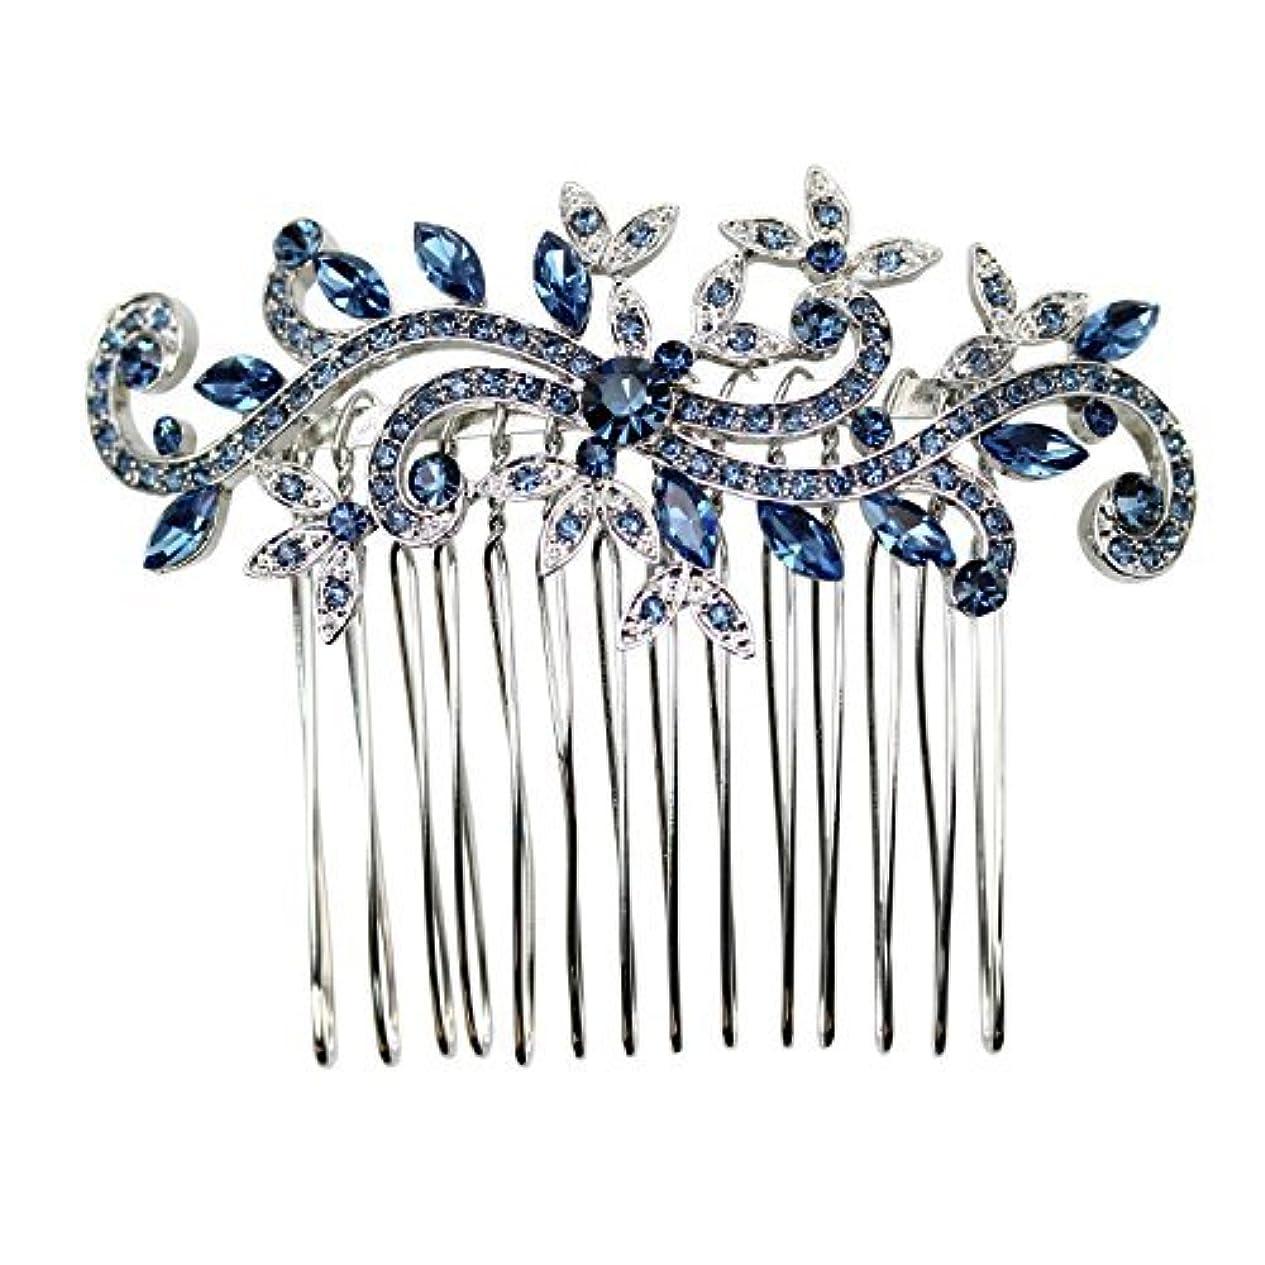 定期的料理をする対処Faship Gorgeous Navy Blue Crystal Floral Hair Comb [並行輸入品]